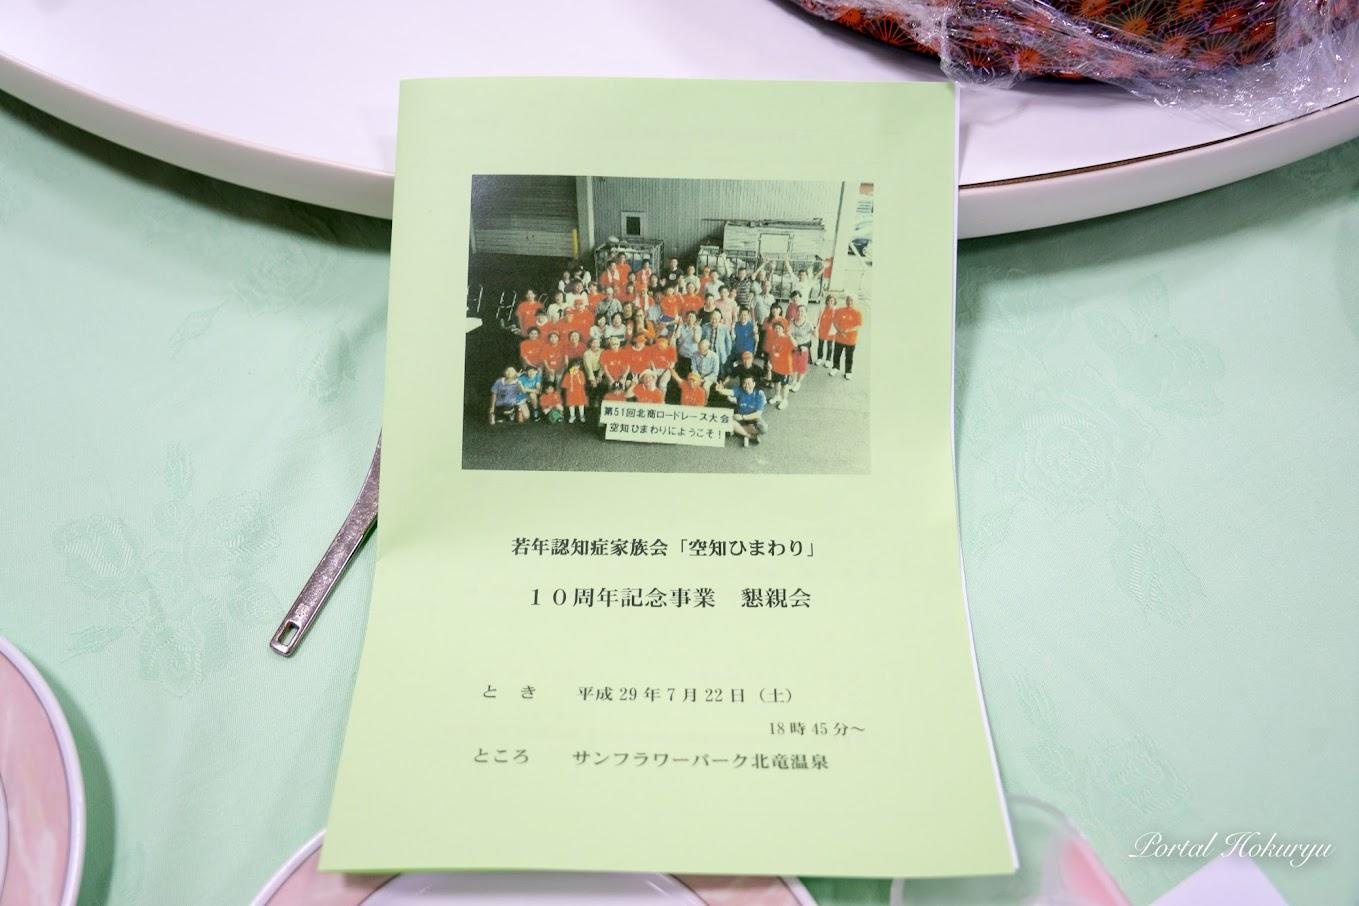 若年認知症家族会 空知ひまわり10周年記念事業・懇親会 しおり